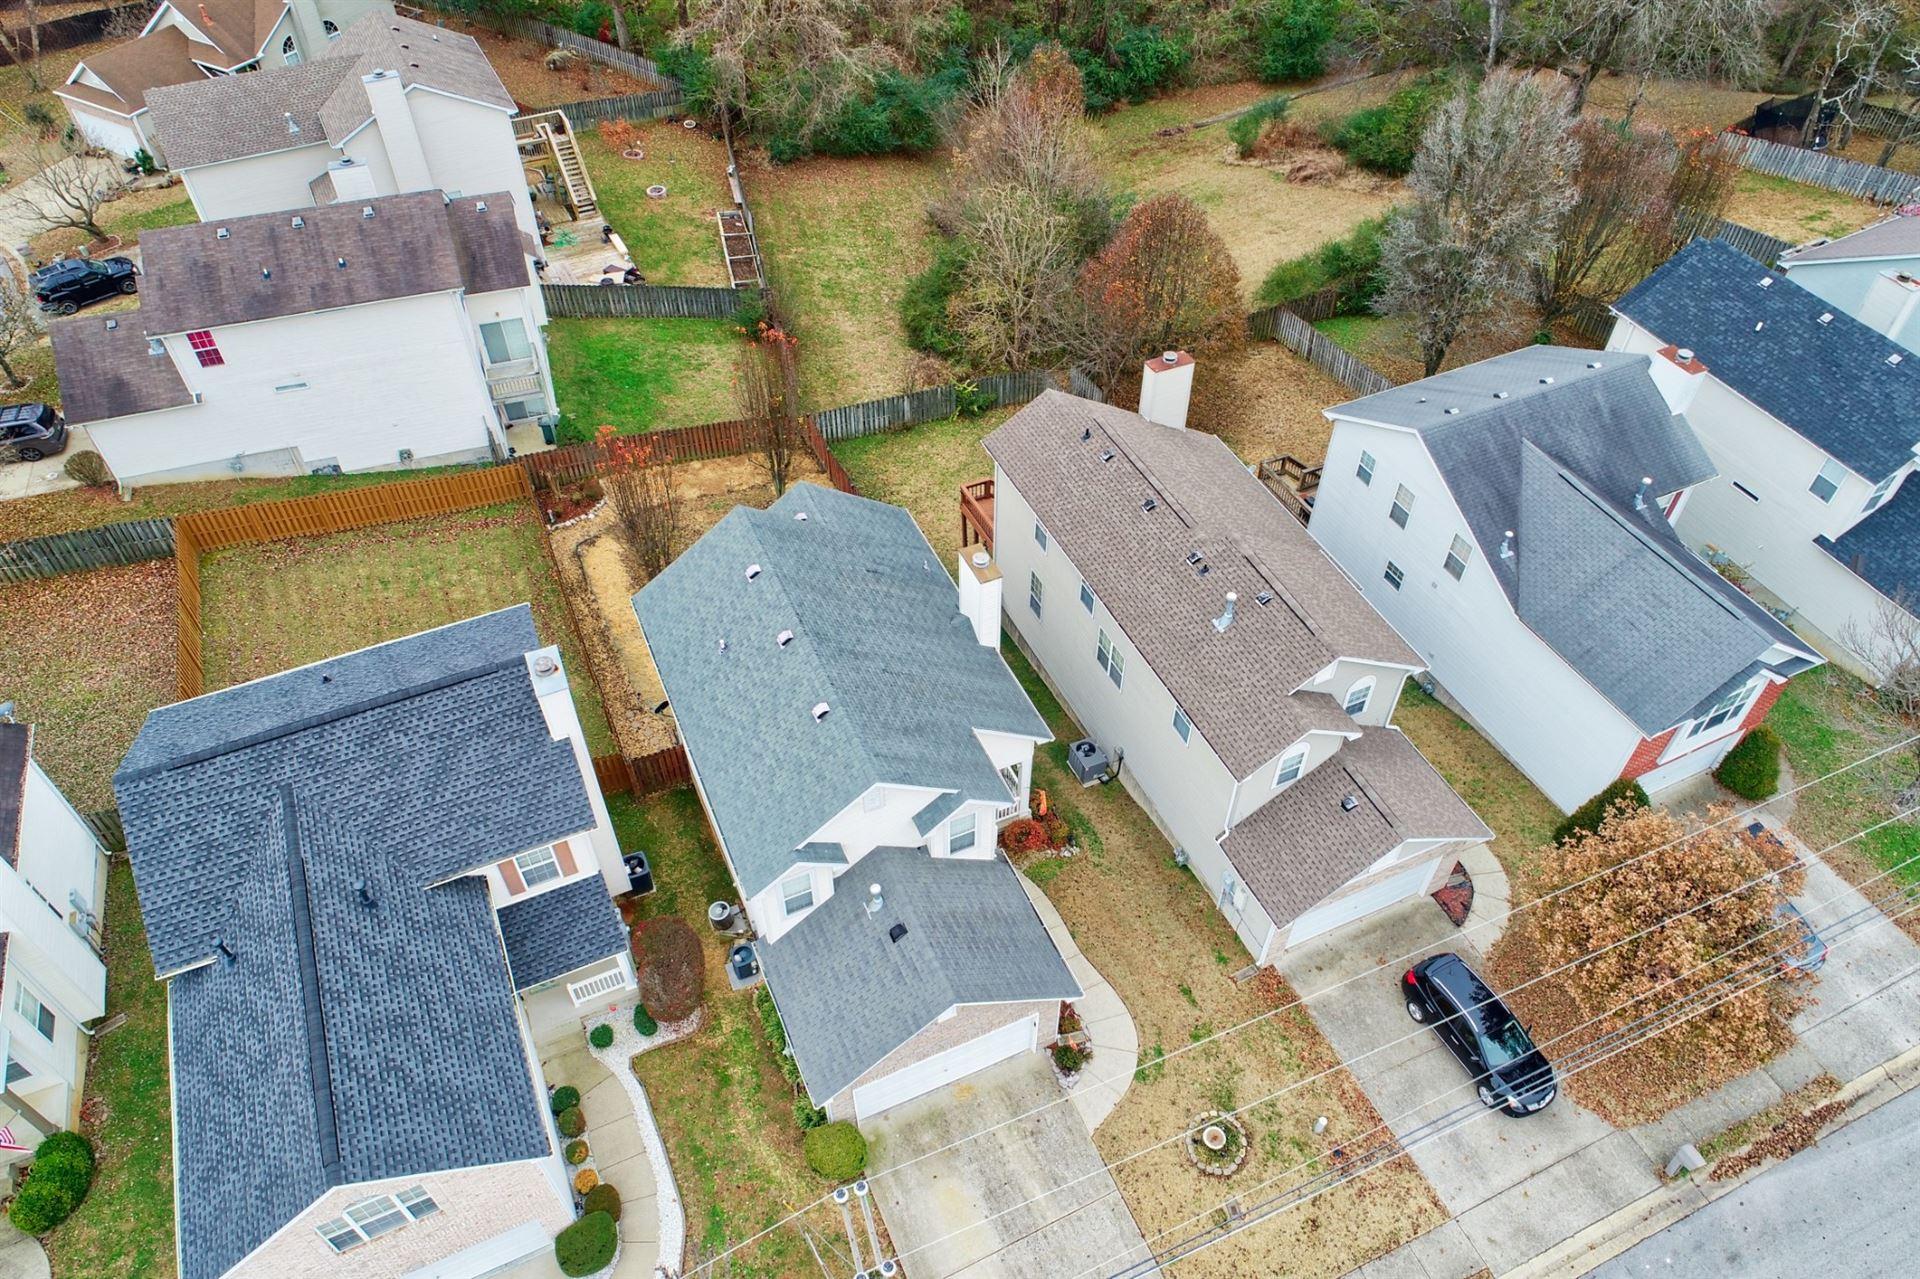 Photo of 4248 Chesney Glen Dr, Hermitage, TN 37076 (MLS # 2155413)